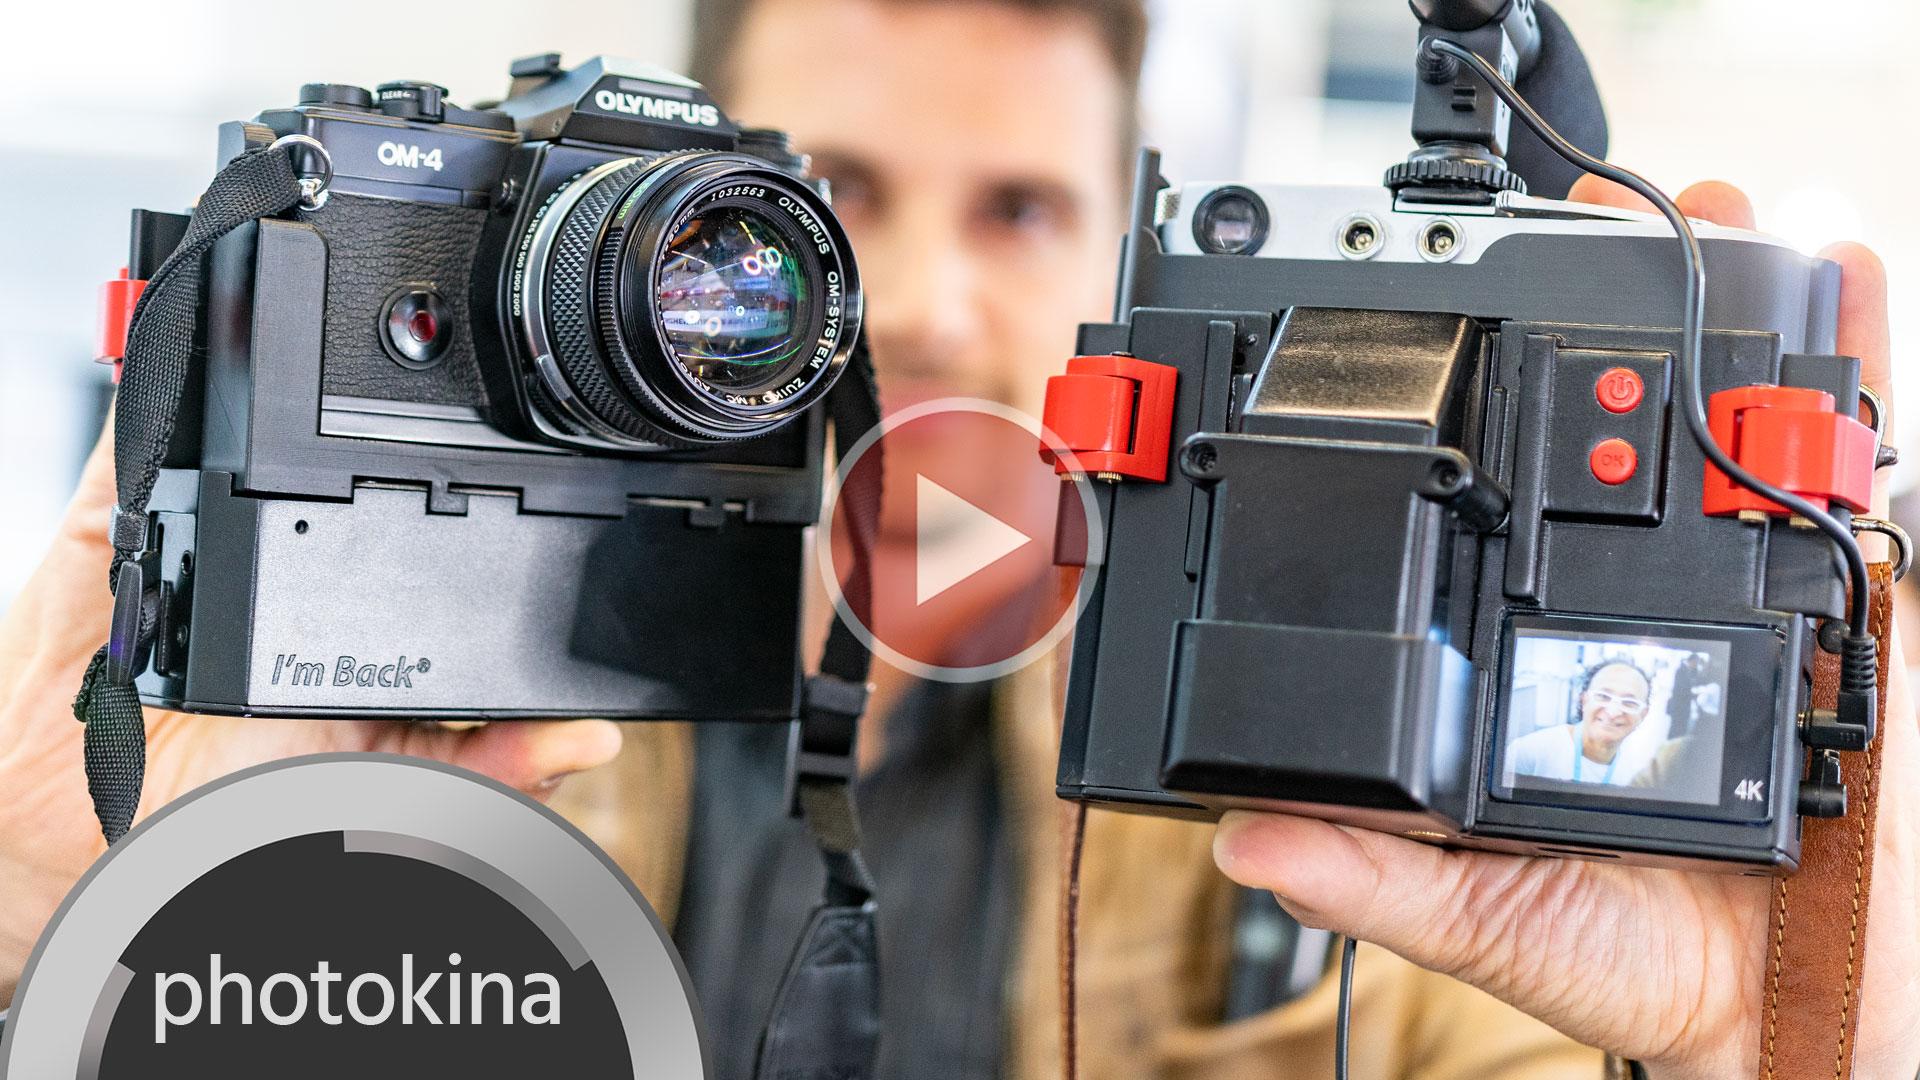 """¡Convierte tu reflex analógica en una cámara de video digital con """"I'm Back""""!"""